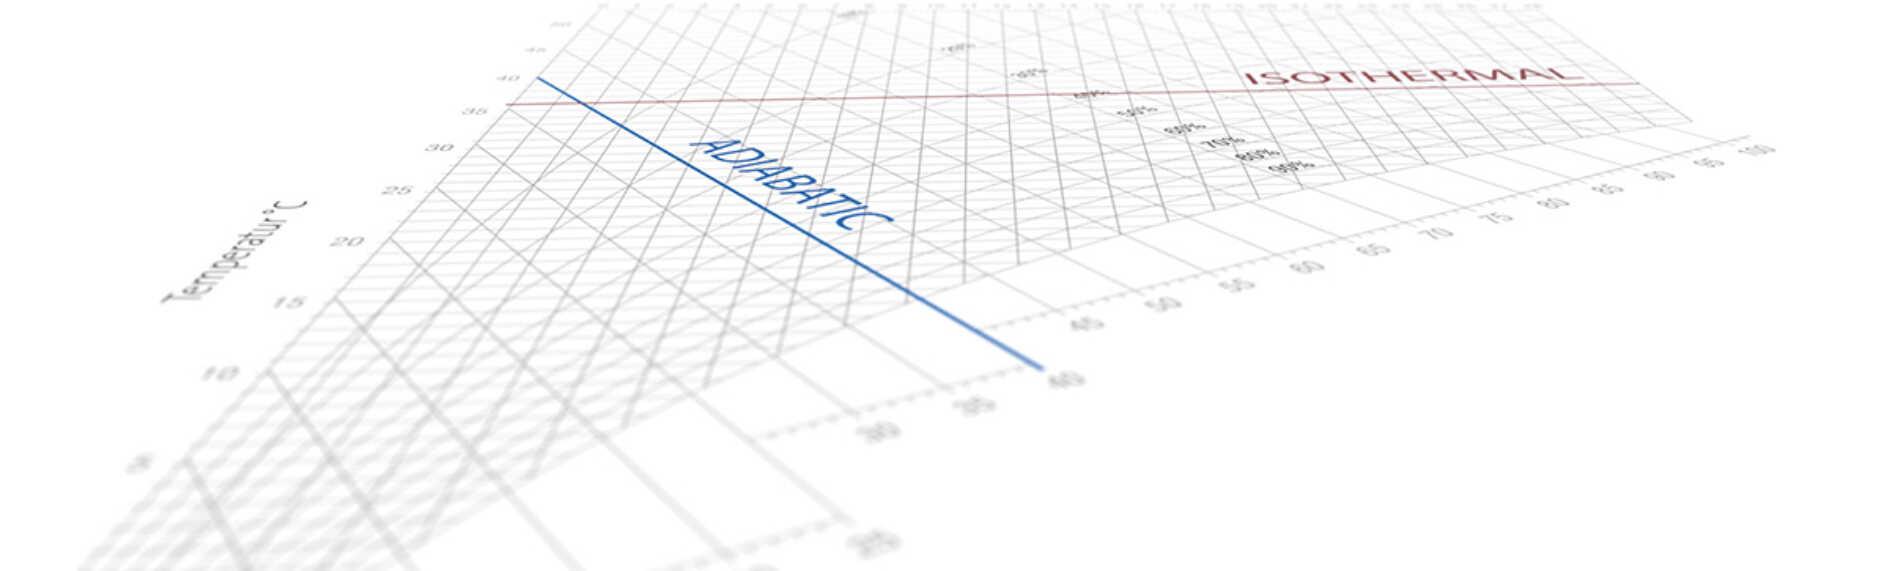 IX- och HX-diagrammet visar förhållandet mellan luftfuktighet, temperatur och energi i luften